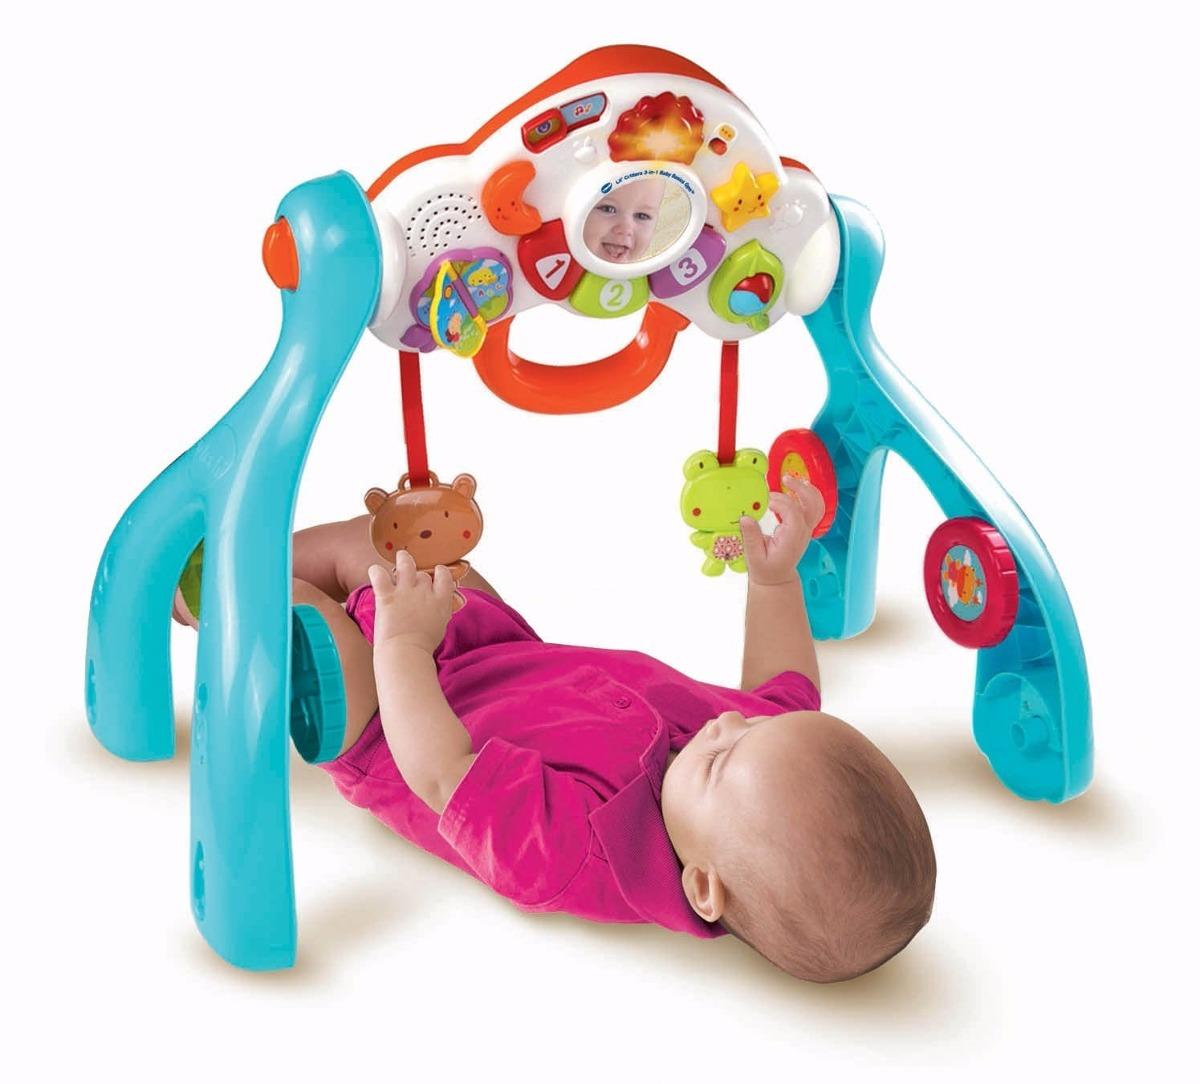 Gimnasio andador para bebe con luces musica vtech 3 en 1 k for Bureau 3 en 1 vtech